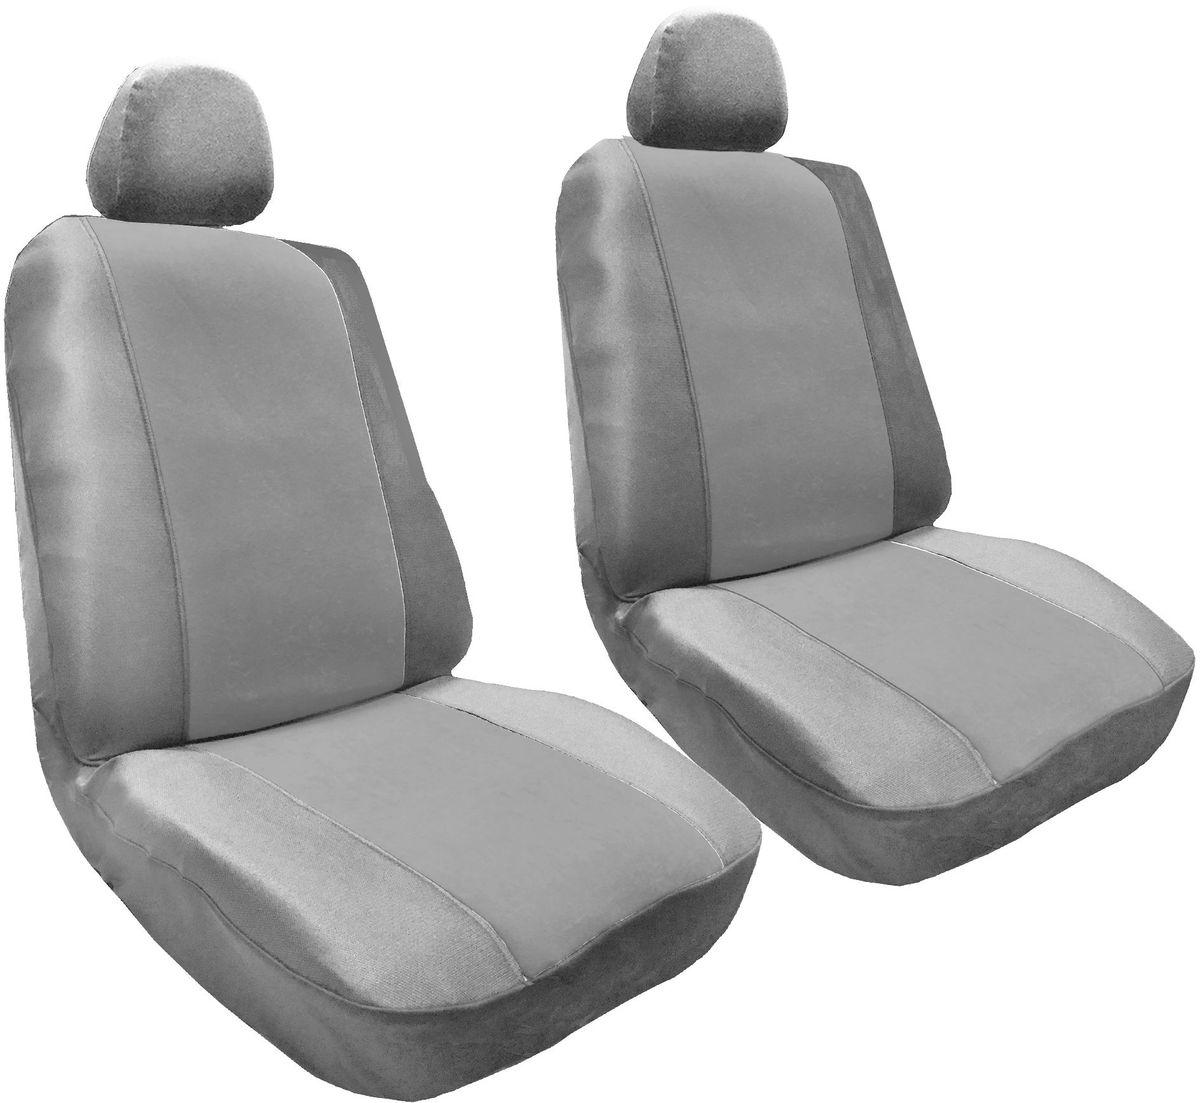 Набор автомобильных чехлов Auto Premium Корвет, цвет: серый, 4 предмета57305Комлект универсальных чехлов на передние сиденья выполнен из велюра, предназначен для передних кресел автомобиля. В комплект входят съемные чехлы для подголовников .Практичный и долговечный комплект чехлов для передних сидений надежно защищает сиденье водителя и пассажира от механических повреждений, загрязнений и износа.